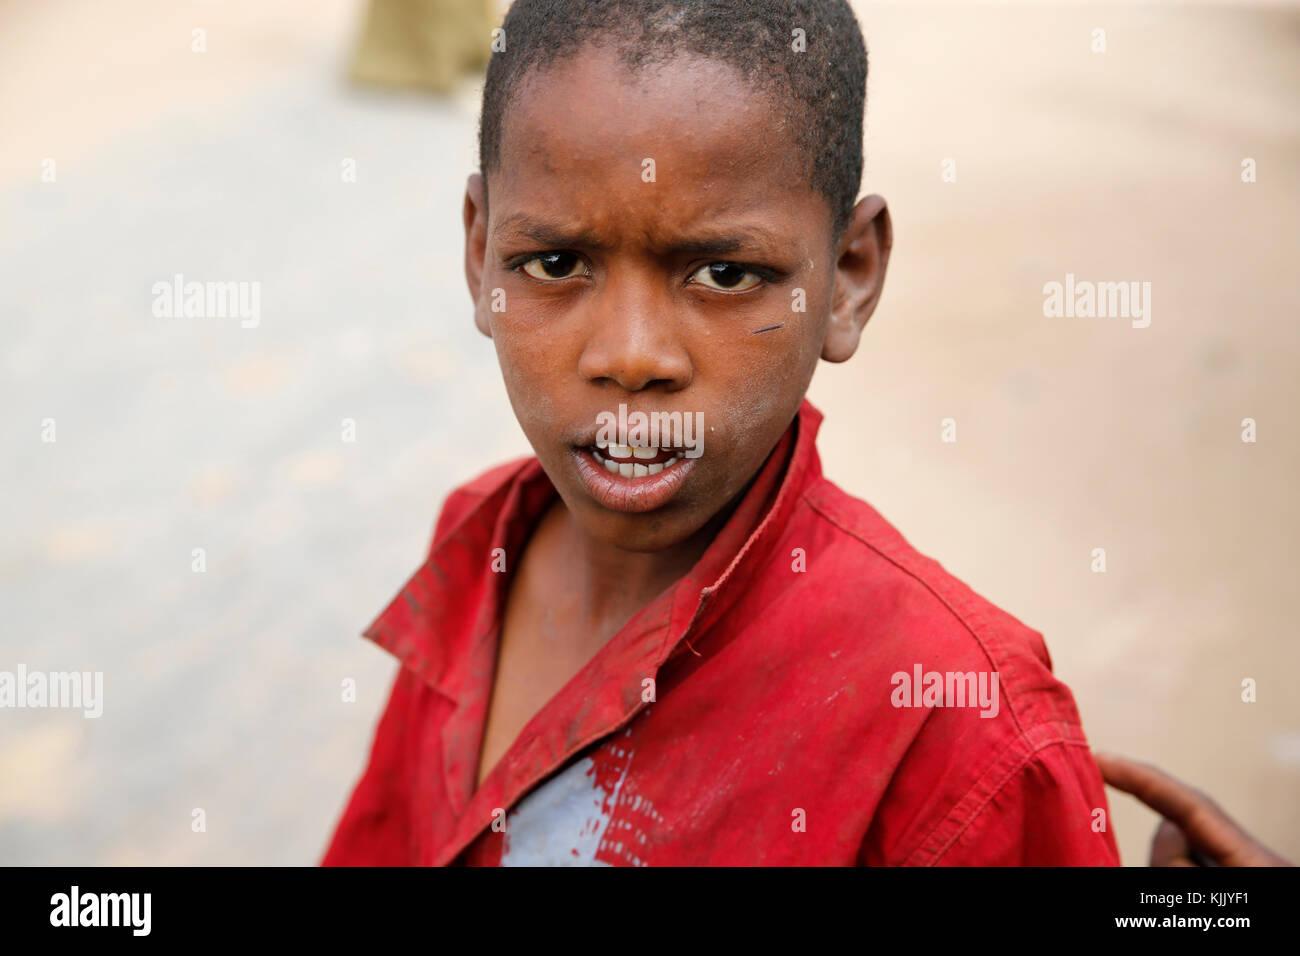 Garçon sénégalais. Le Sénégal. Photo Stock